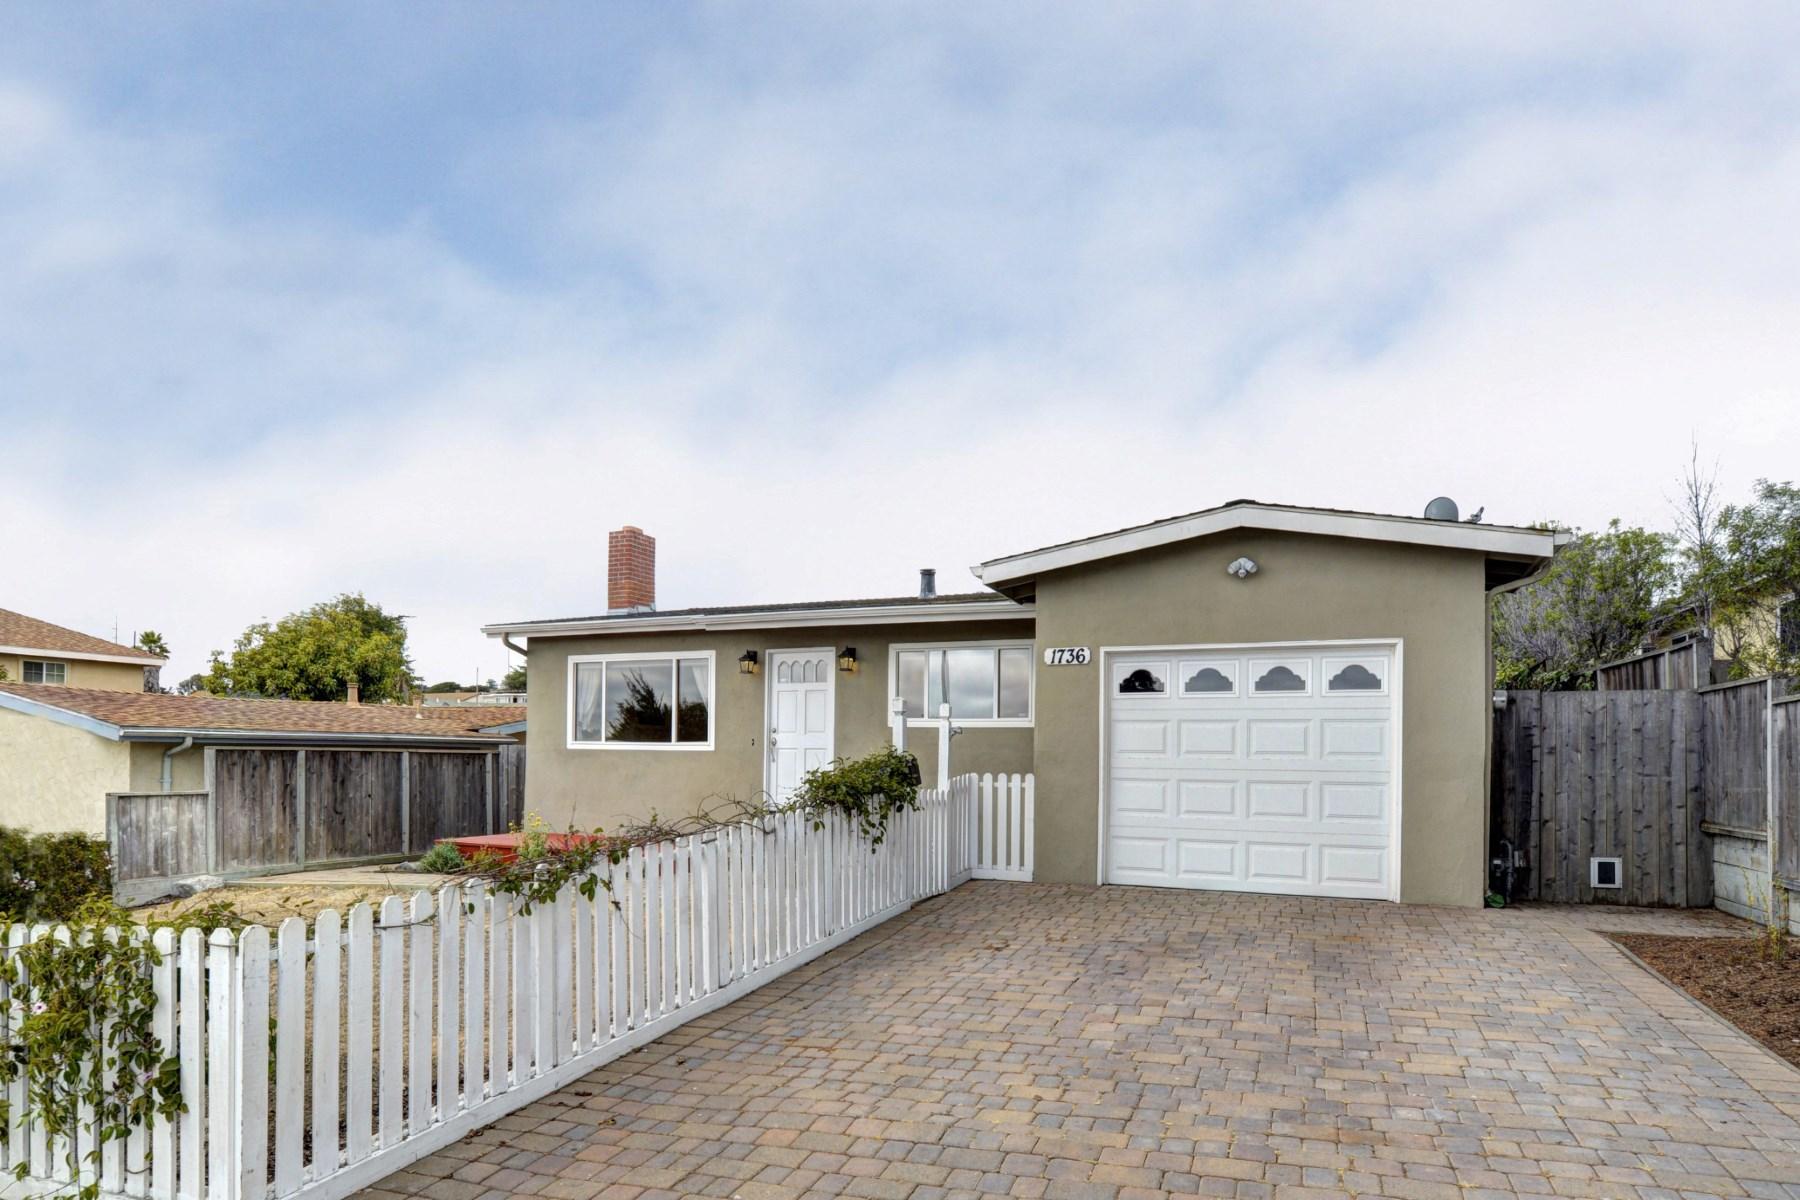 Maison unifamiliale pour l Vente à Exceptional Seaside Home 1736 Flores Street Seaside, Californie, 93955 États-Unis